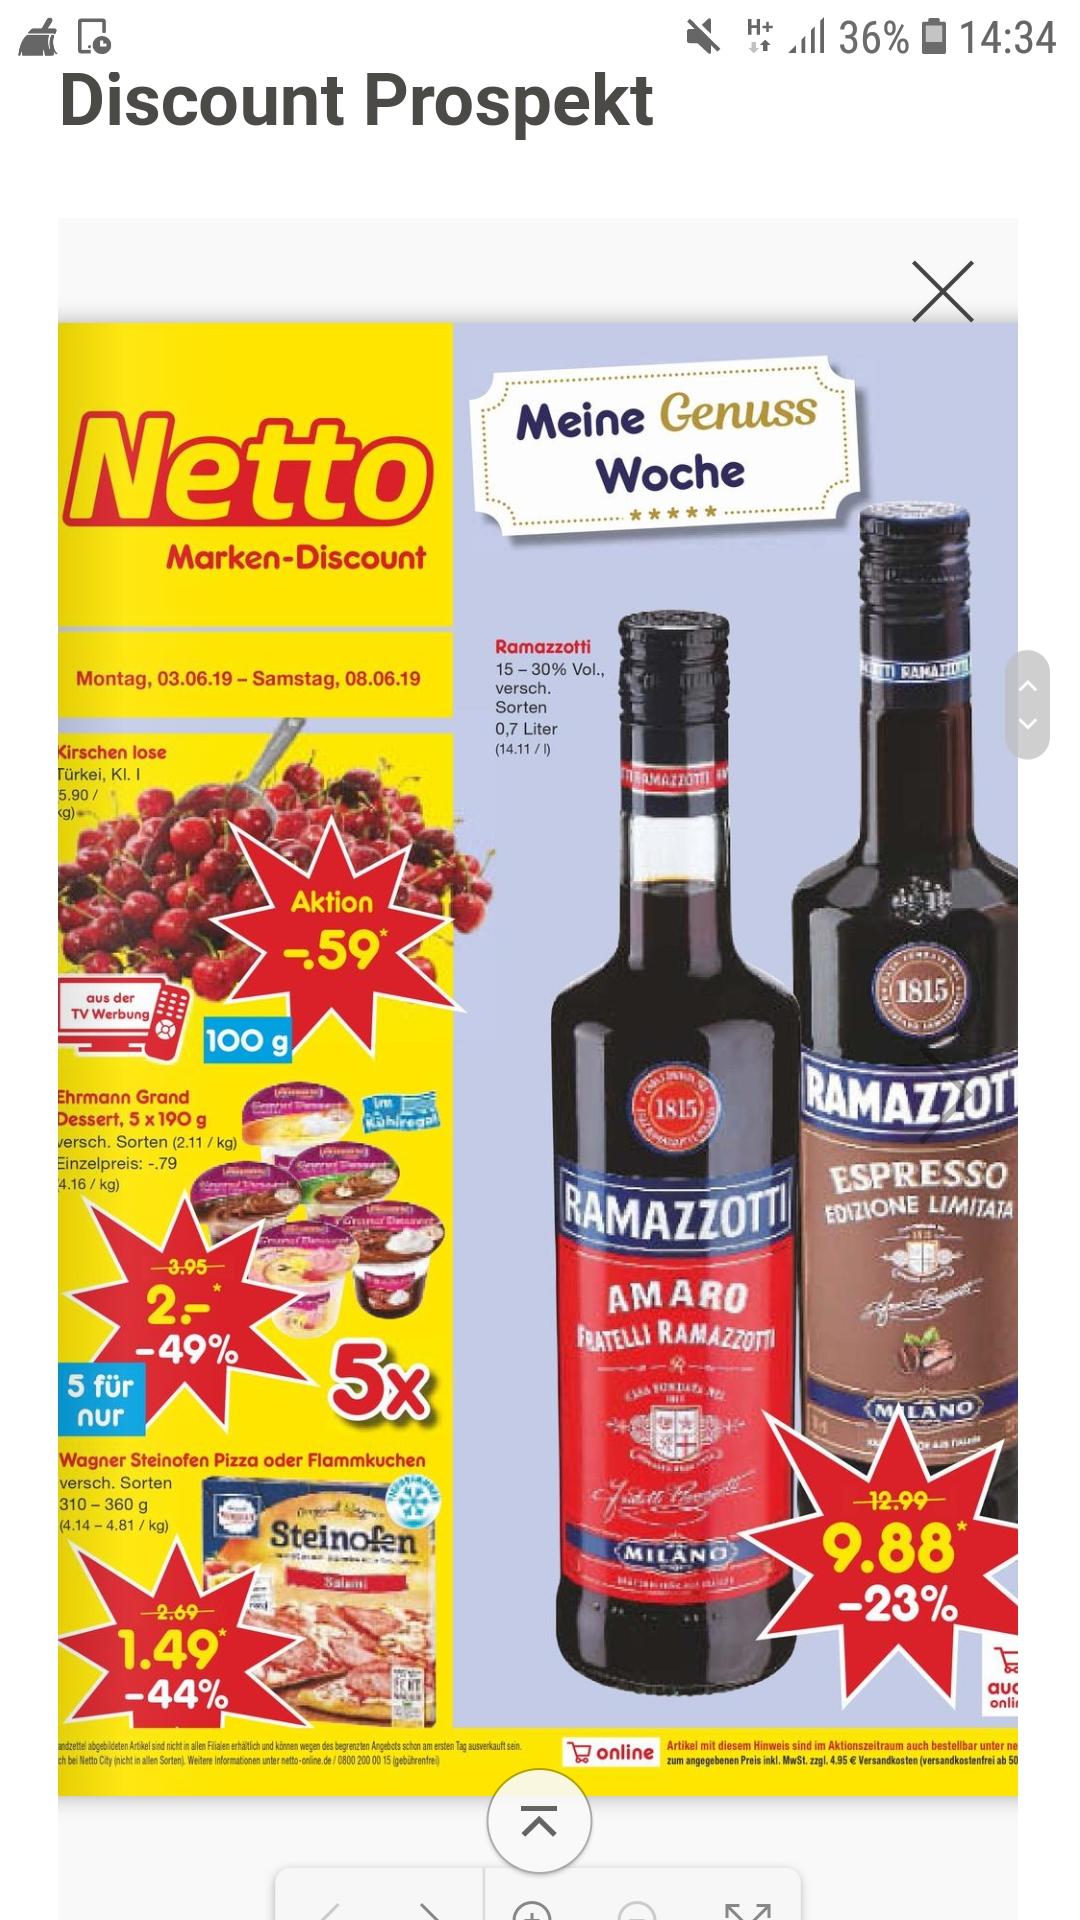 Ehrmann Grand Dessert 5 für nur 2.- bei Netto Makendiscount